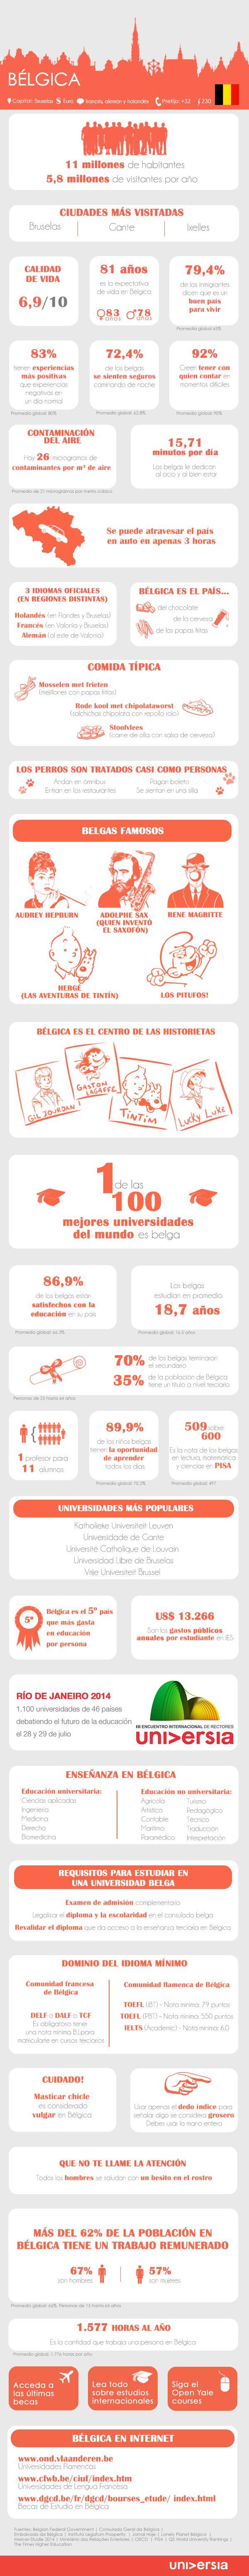 Infografía: 30 datos de Bélgica que debes conocer antes de viajar a estudiar o trabajar a este país vía: http://noticias.universia.pr